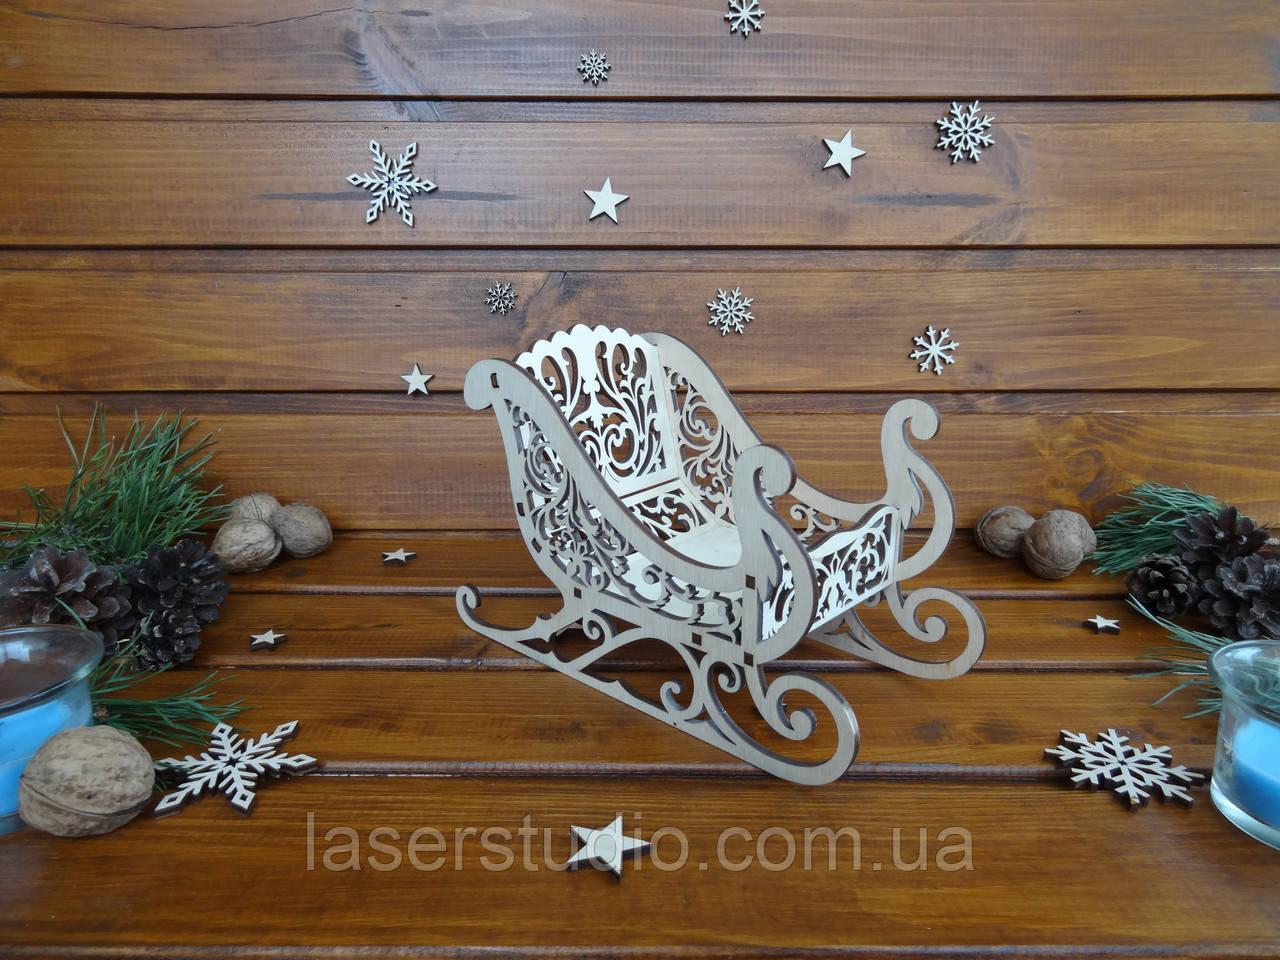 Санки Деда Мороза | Новогодний декор